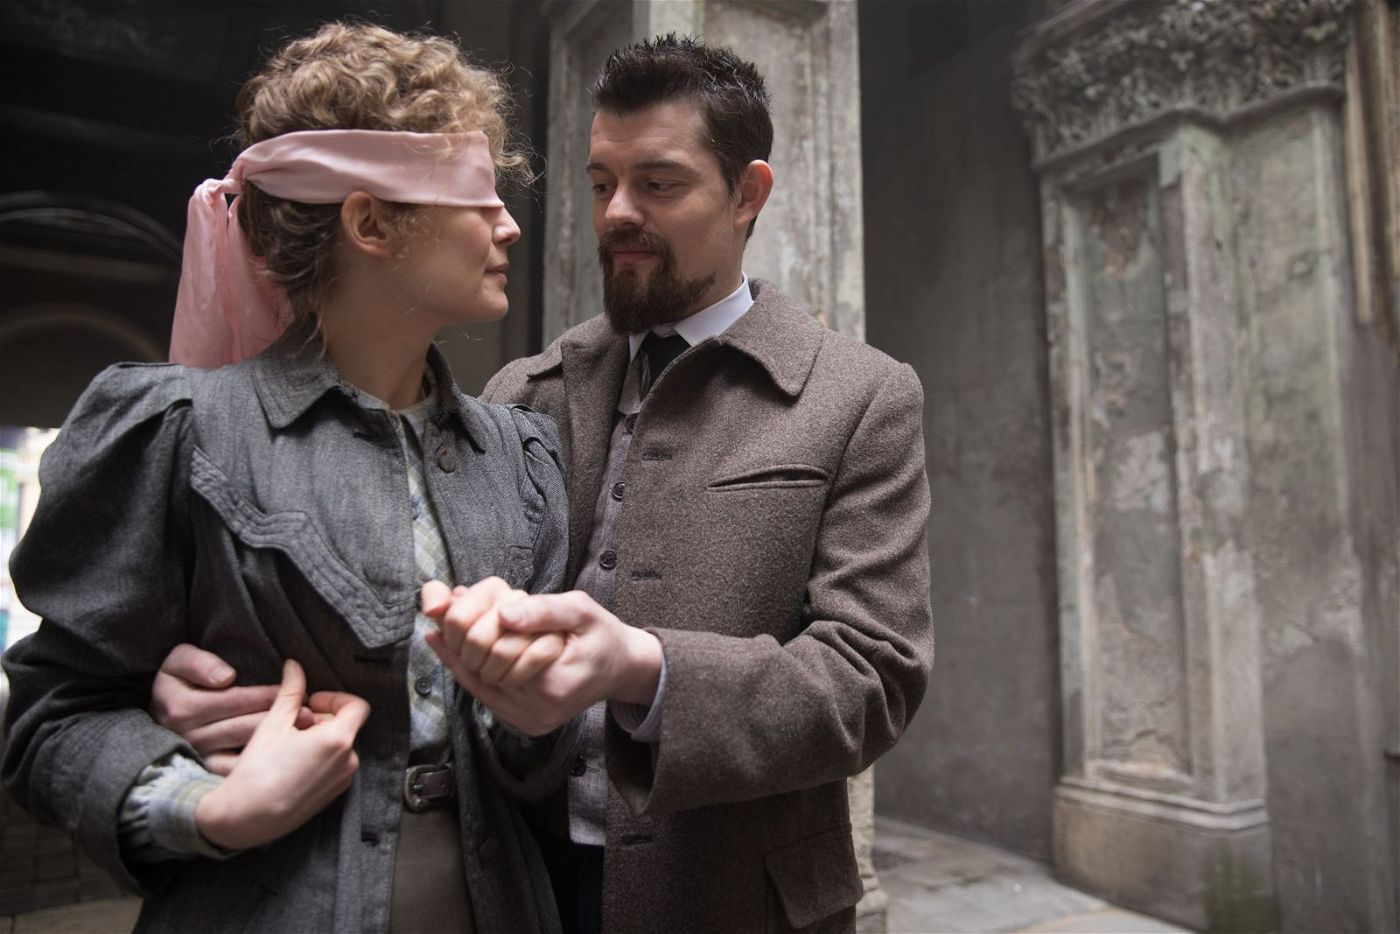 """""""Marie Curie - Elemente des Lebens"""" ist Wissenschaftsdrama und Liebesfilm zugleich."""